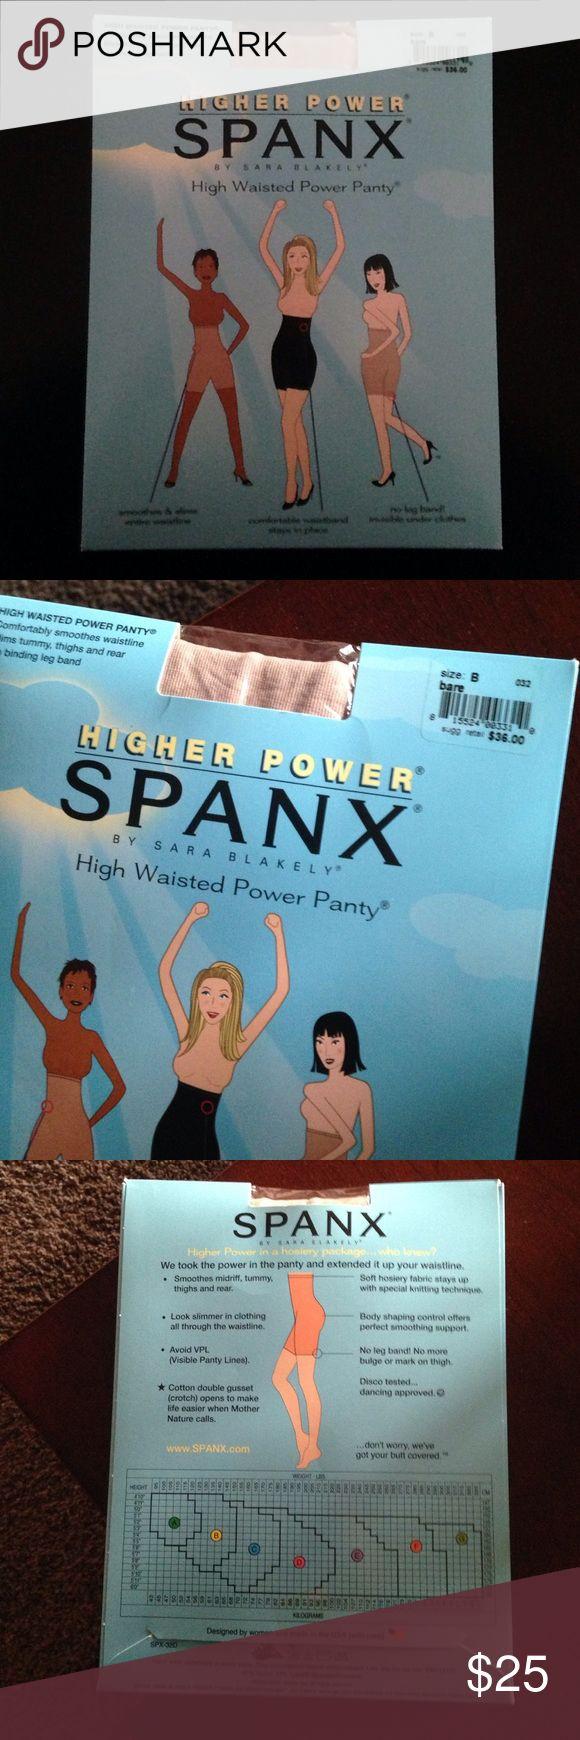 NWT Higher Power Spanx. Size B. Retail price: $36. NWT Higher Power Spanx by Sara Blakely. Size B. Retail price: $36. SPANX Accessories Hosiery & Socks